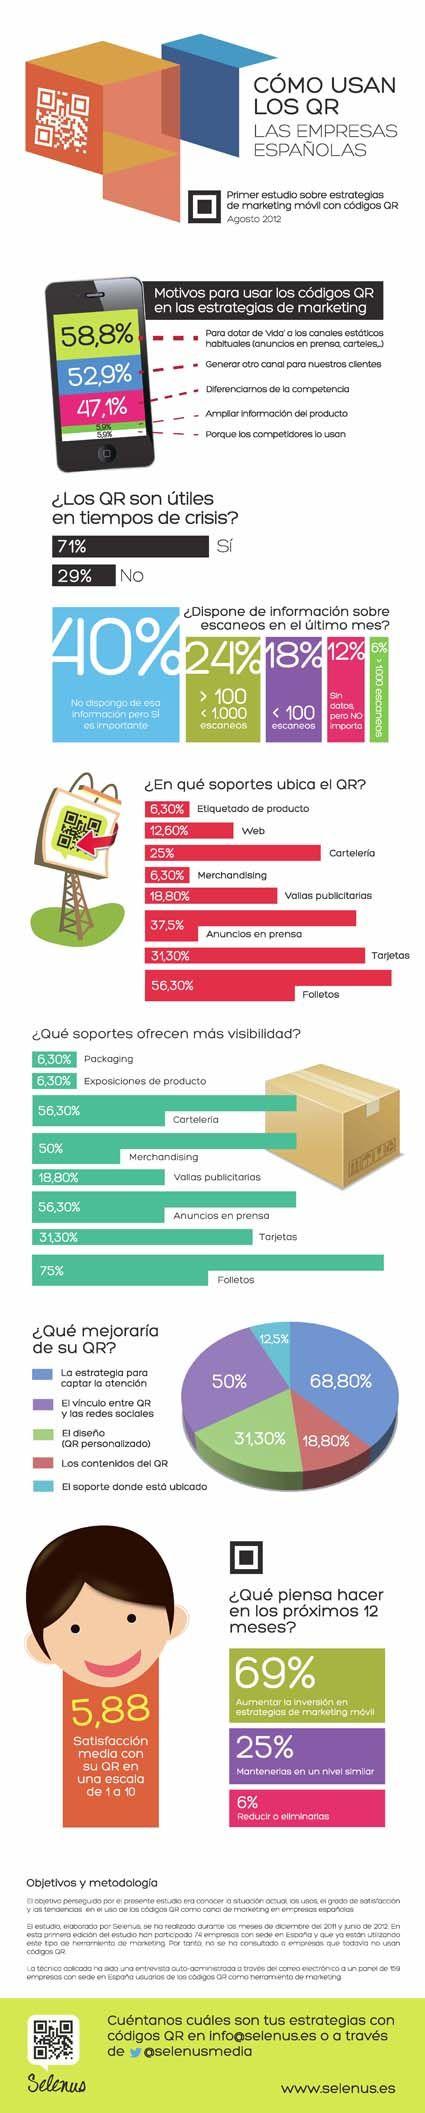 Cómo Usan Los QR Las Empresas Españolas. Resultado del primer estudio espańol de marketing móvil con QR.